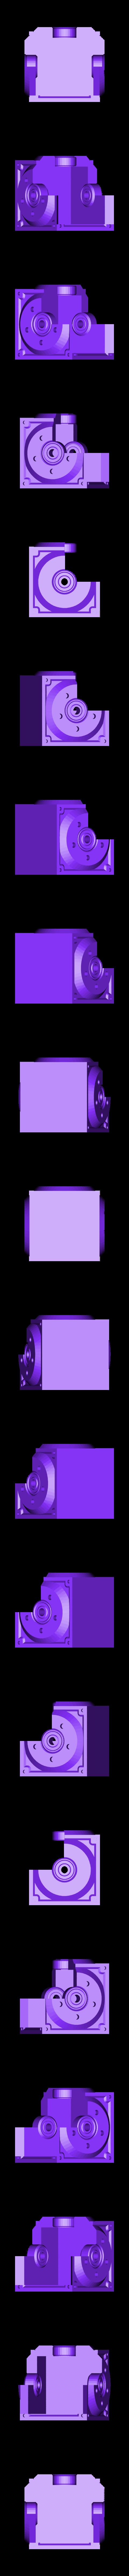 1x_Housing.stl Télécharger fichier STL gratuit Réducteur industriel à couple conique / Réducteur à engrenages (version en coupe) • Objet pour imprimante 3D, LarsRb